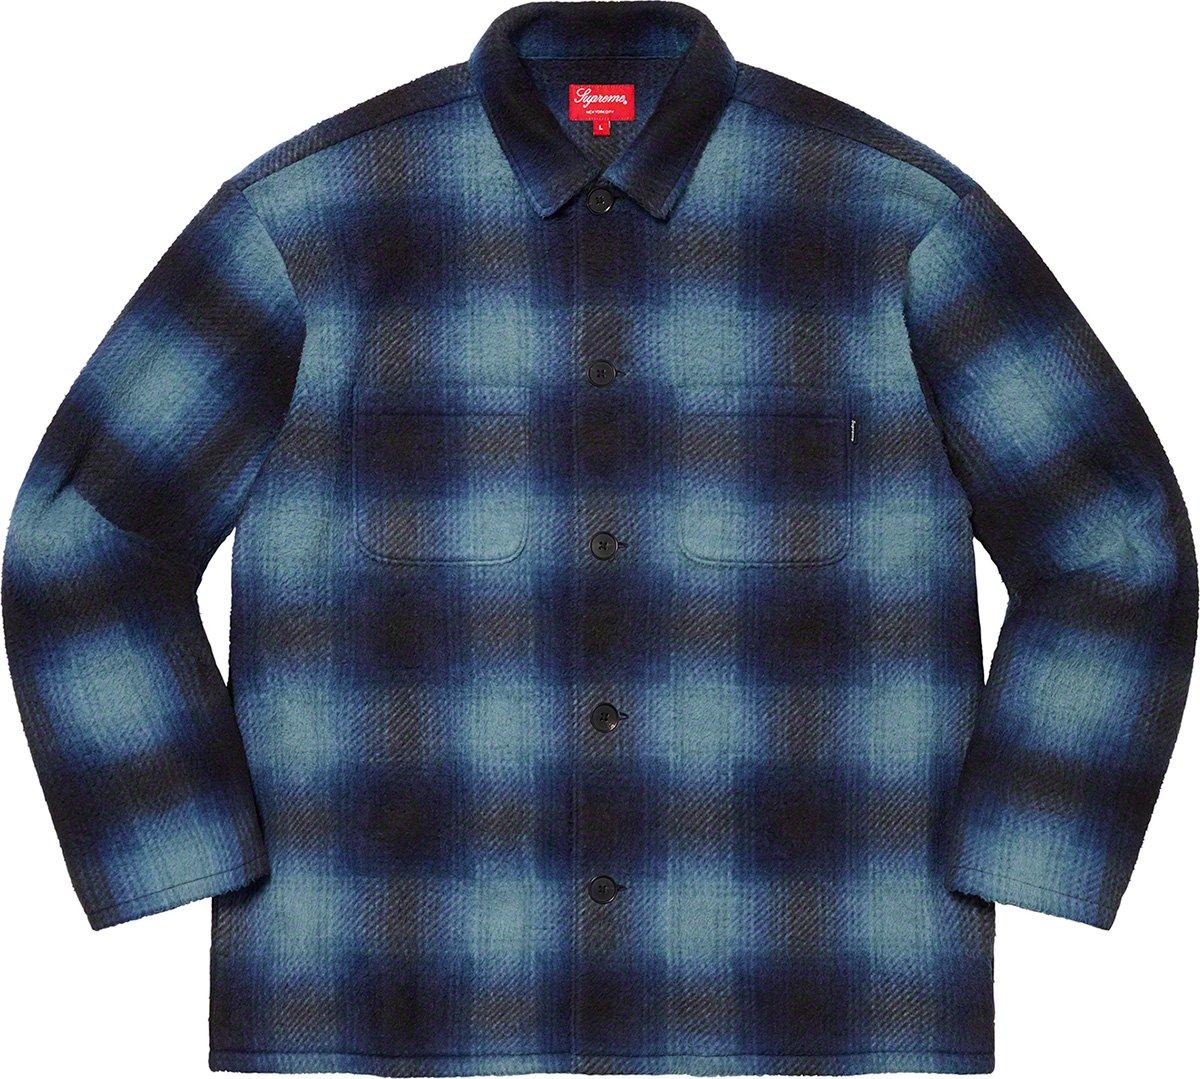 シュプリーム ザ・ノースフェイス コラボ 2020年 秋冬 新作 Supreme 2020fw week 10 Shadow Plaid Fleece Shirt blue